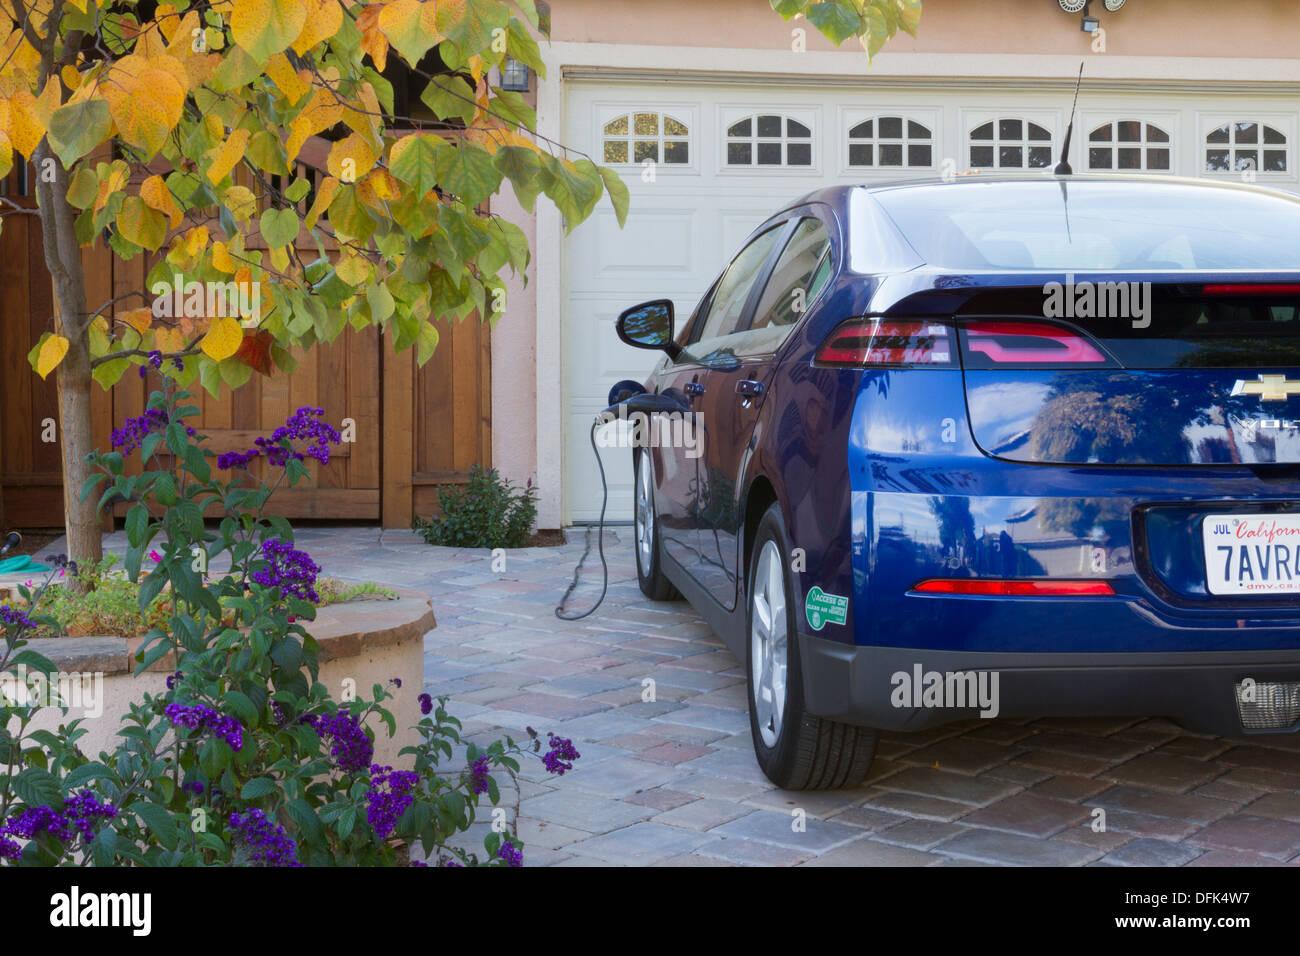 Plug-in voiture électrique avec autocollant de covoiturage parqué dans l'allée, avec le connecteur branché et de charge à la maison Photo Stock